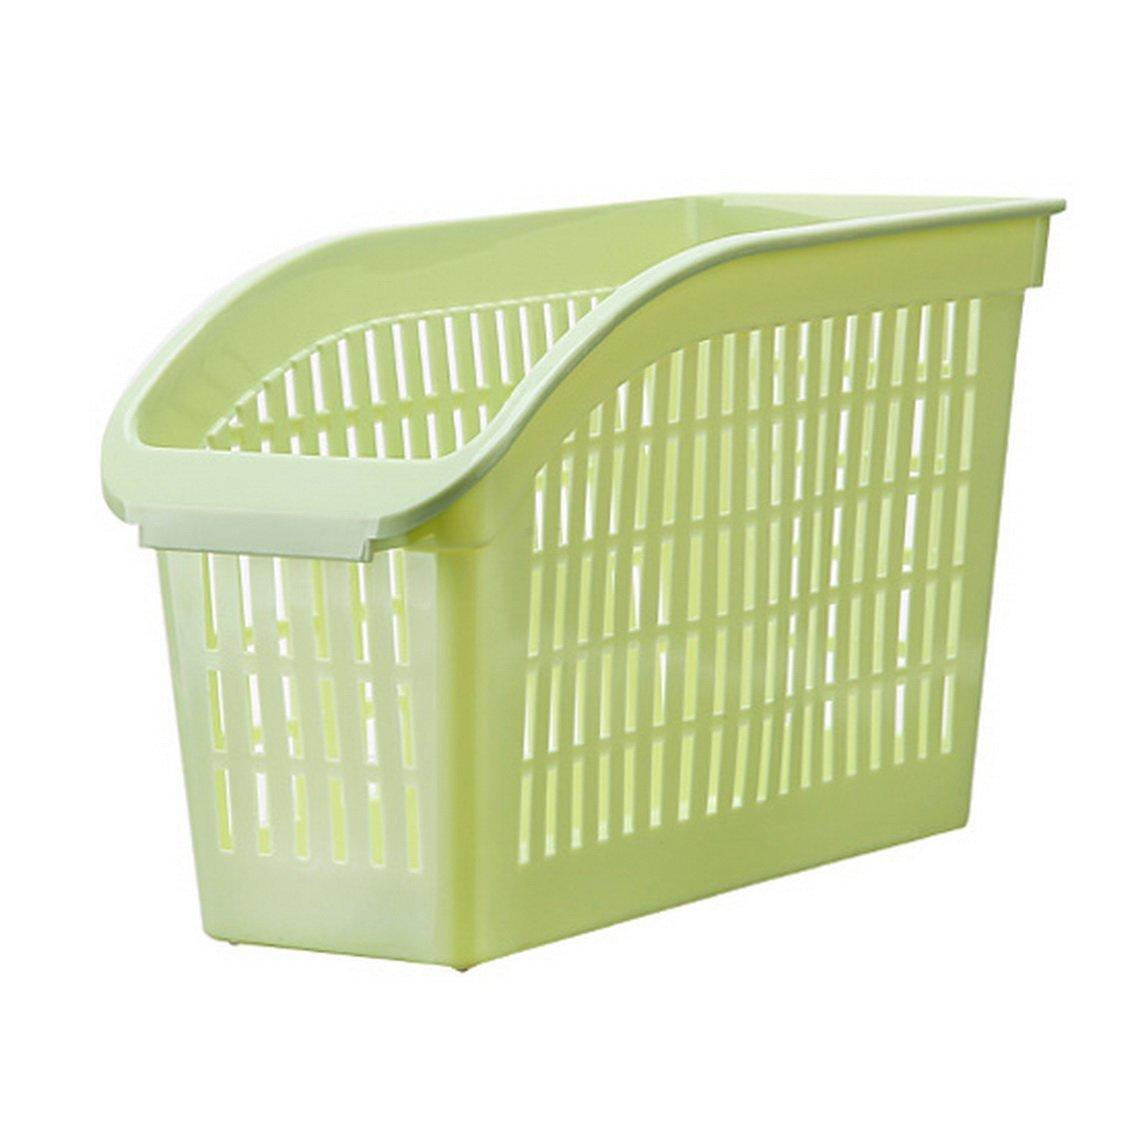 fengg2030shann Rectangular desktop storage baskets kitchen storage baskets bathroom small plastic basket storage box storage basket. Storage basket bathroom basket storage basket storage basket storag